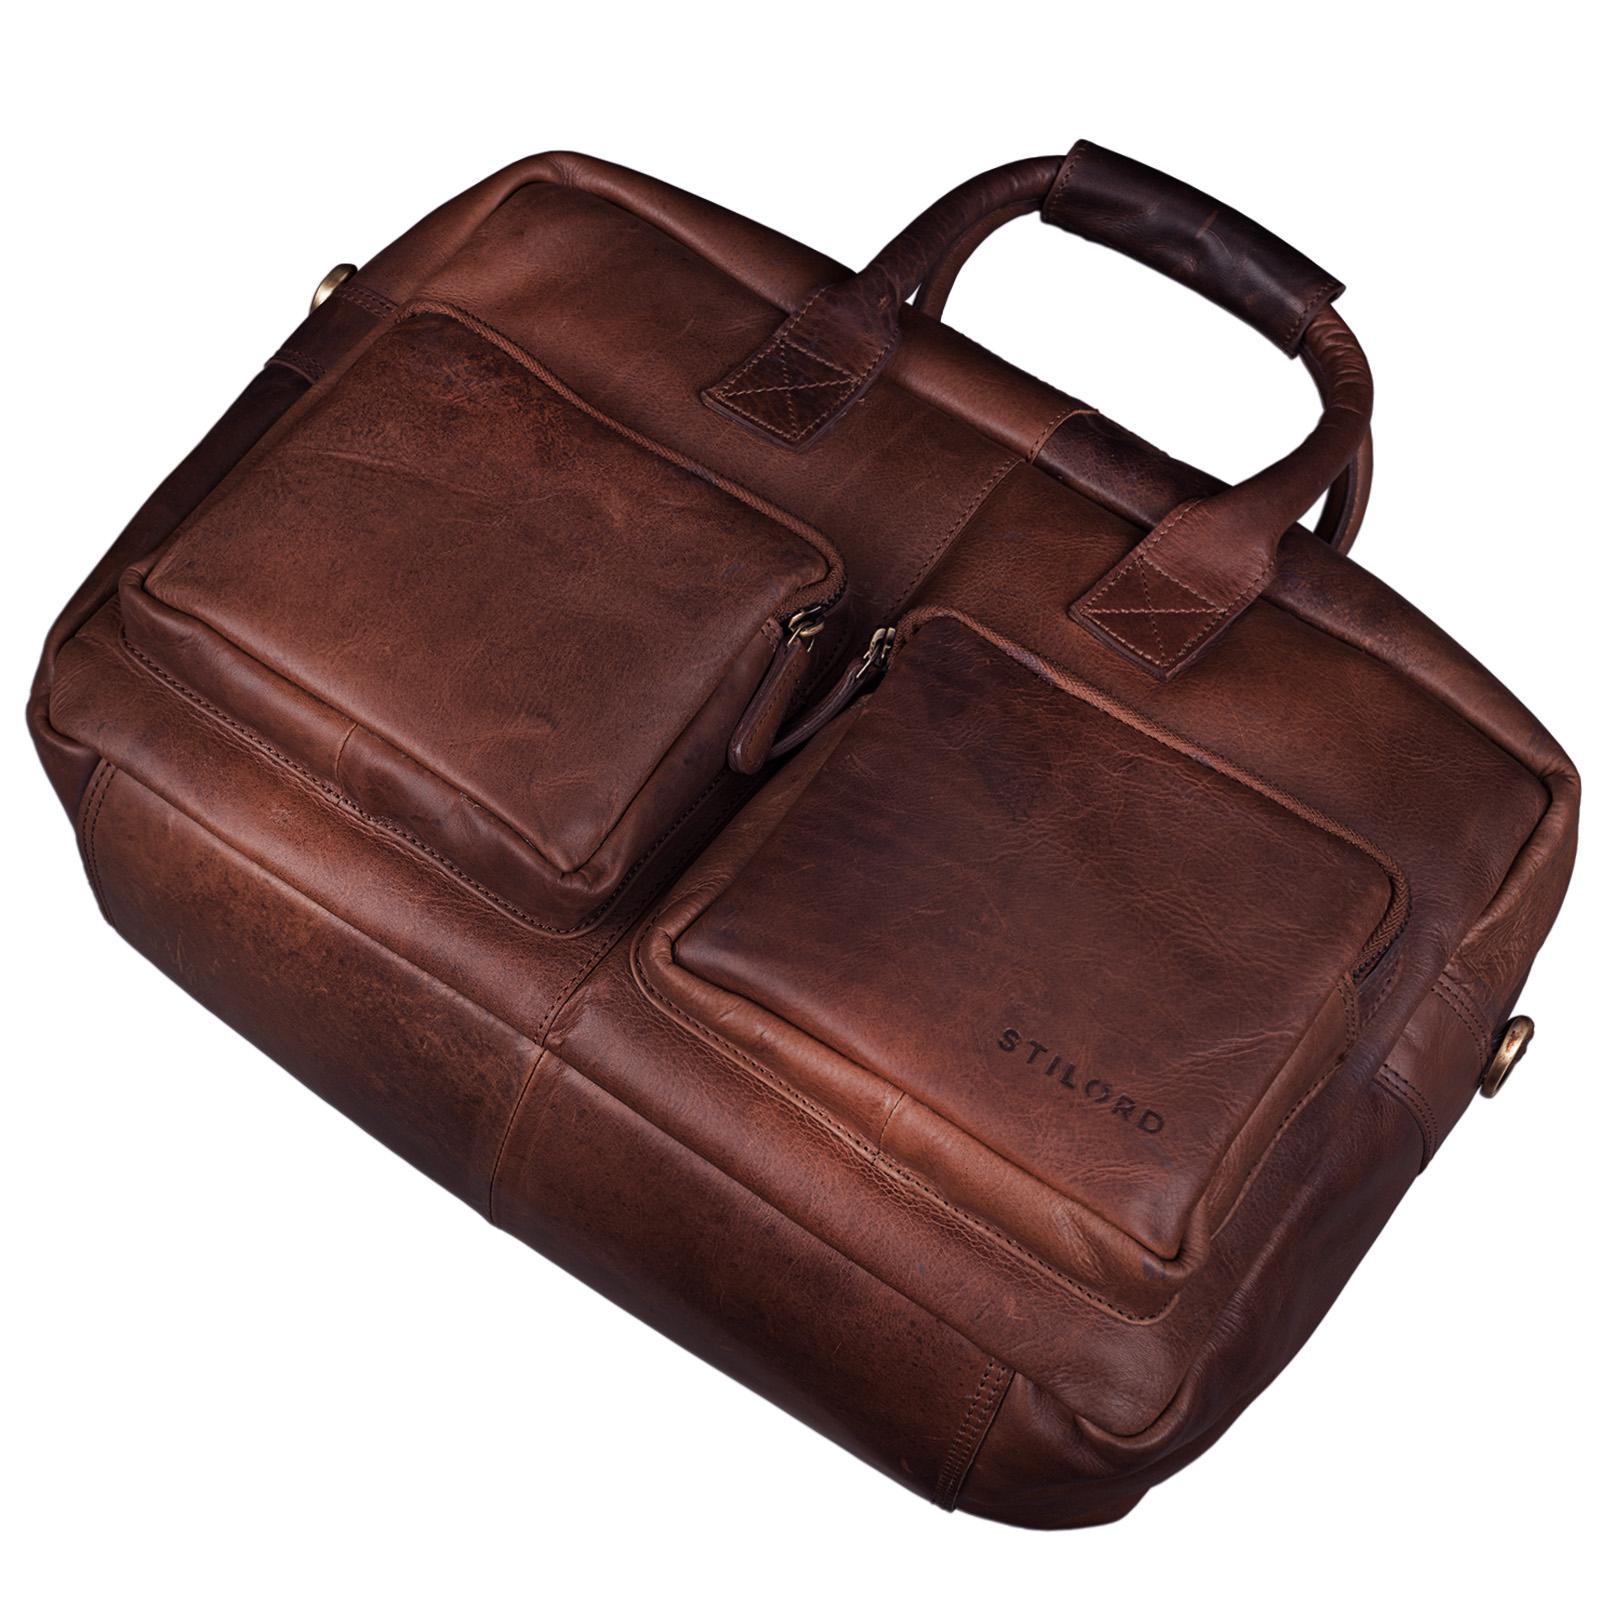 """STILORD """"Henri"""" Bürotasche Leder 15,6 Zoll Vintage Laptop Aktentasche Businesstasche Umhängetasche Lehrertasche Büffelleder - Bild 5"""